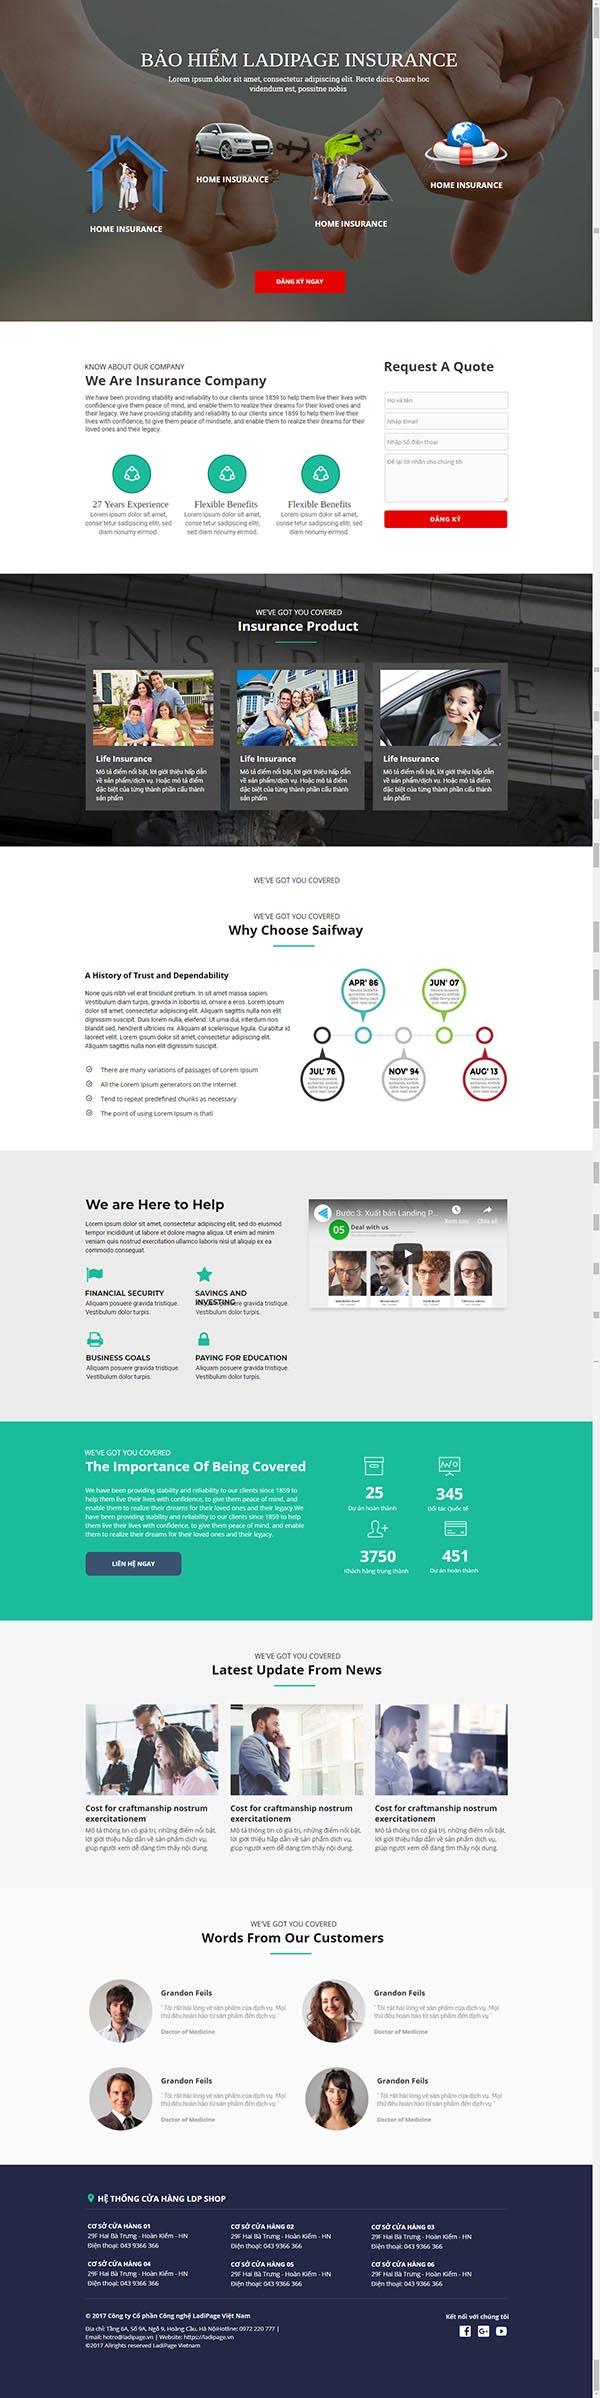 Thiết kế Mẫu website Landing Page 11